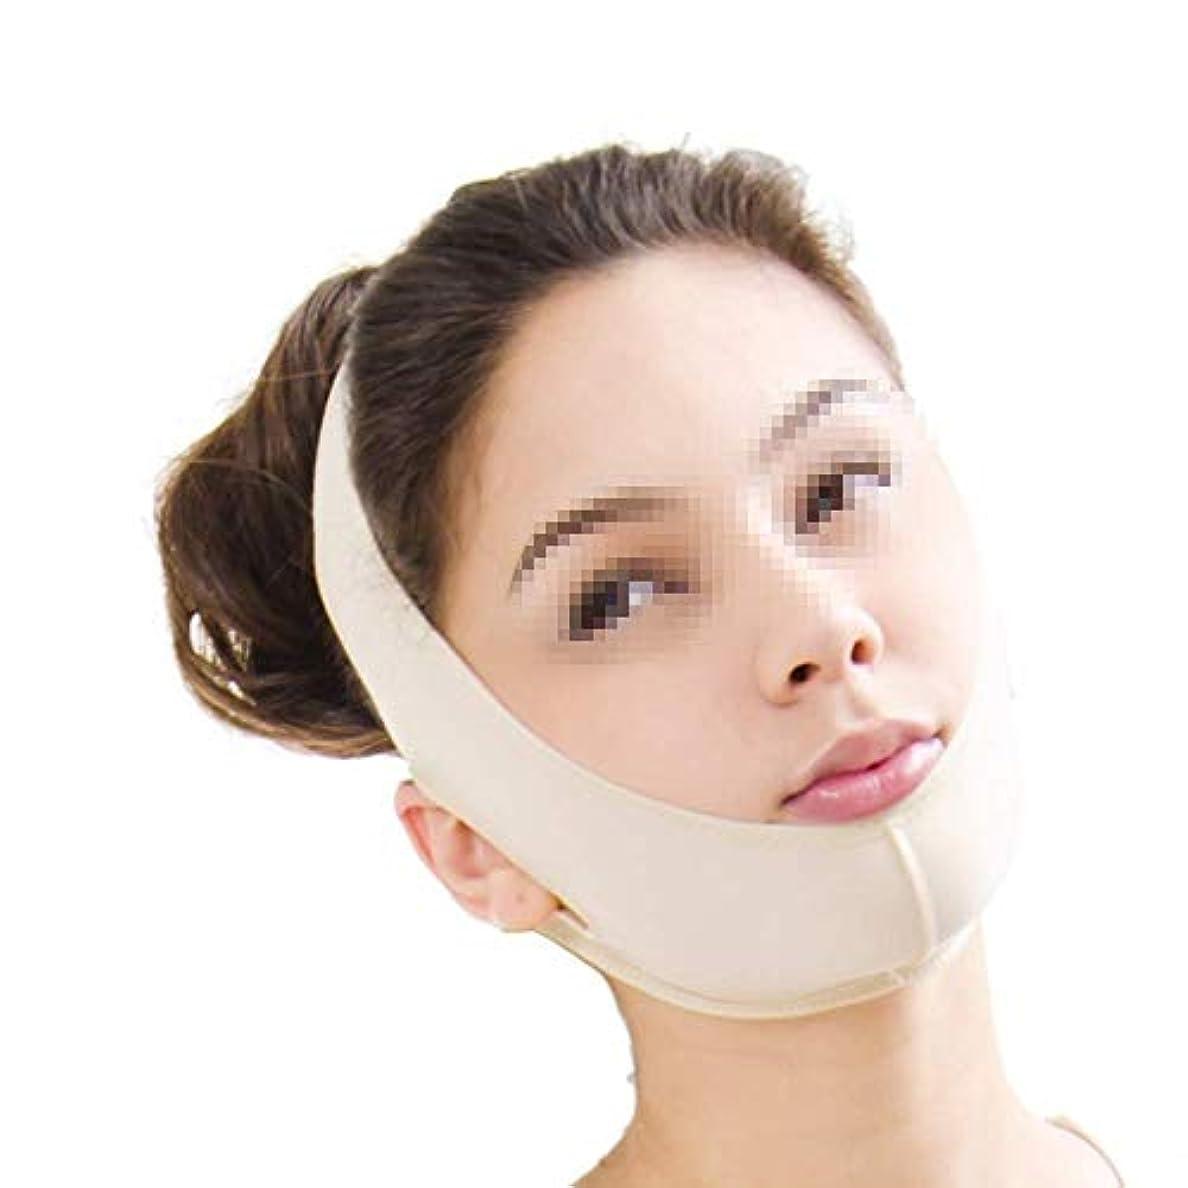 存在する注釈市民フェイスリフトマスク、圧縮後の顎顔面ダブルチン化粧品脂肪吸引小顔包帯弾性ヘッドギア(サイズ:Xl)